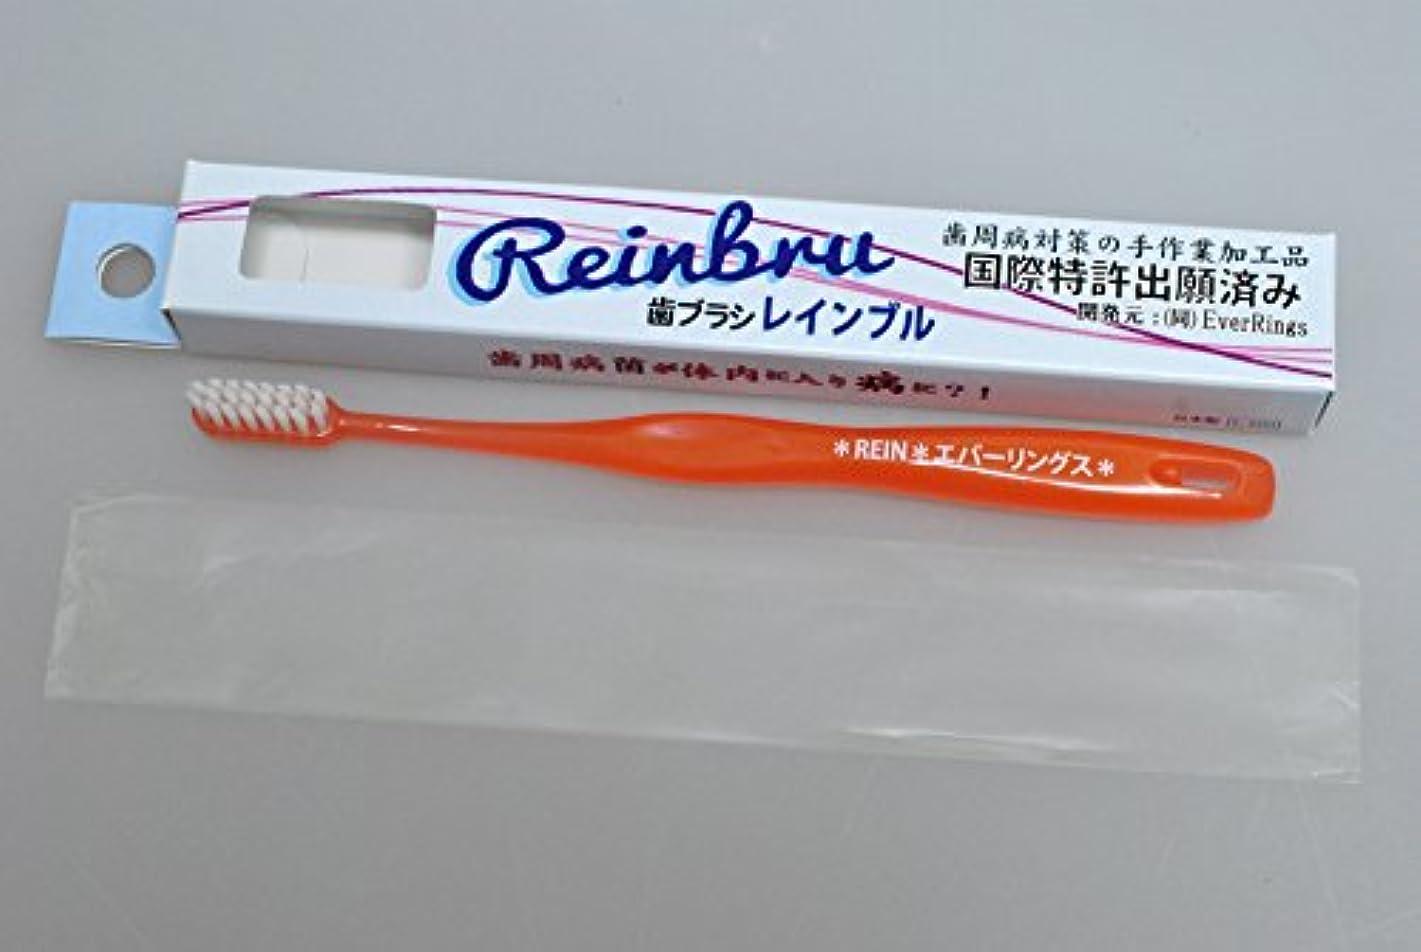 大胆エントリ動Reinbru レインブル 歯ブラシ オレンジ色 細型 1本 お試し品 歯周ポケット磨き 歯間磨き